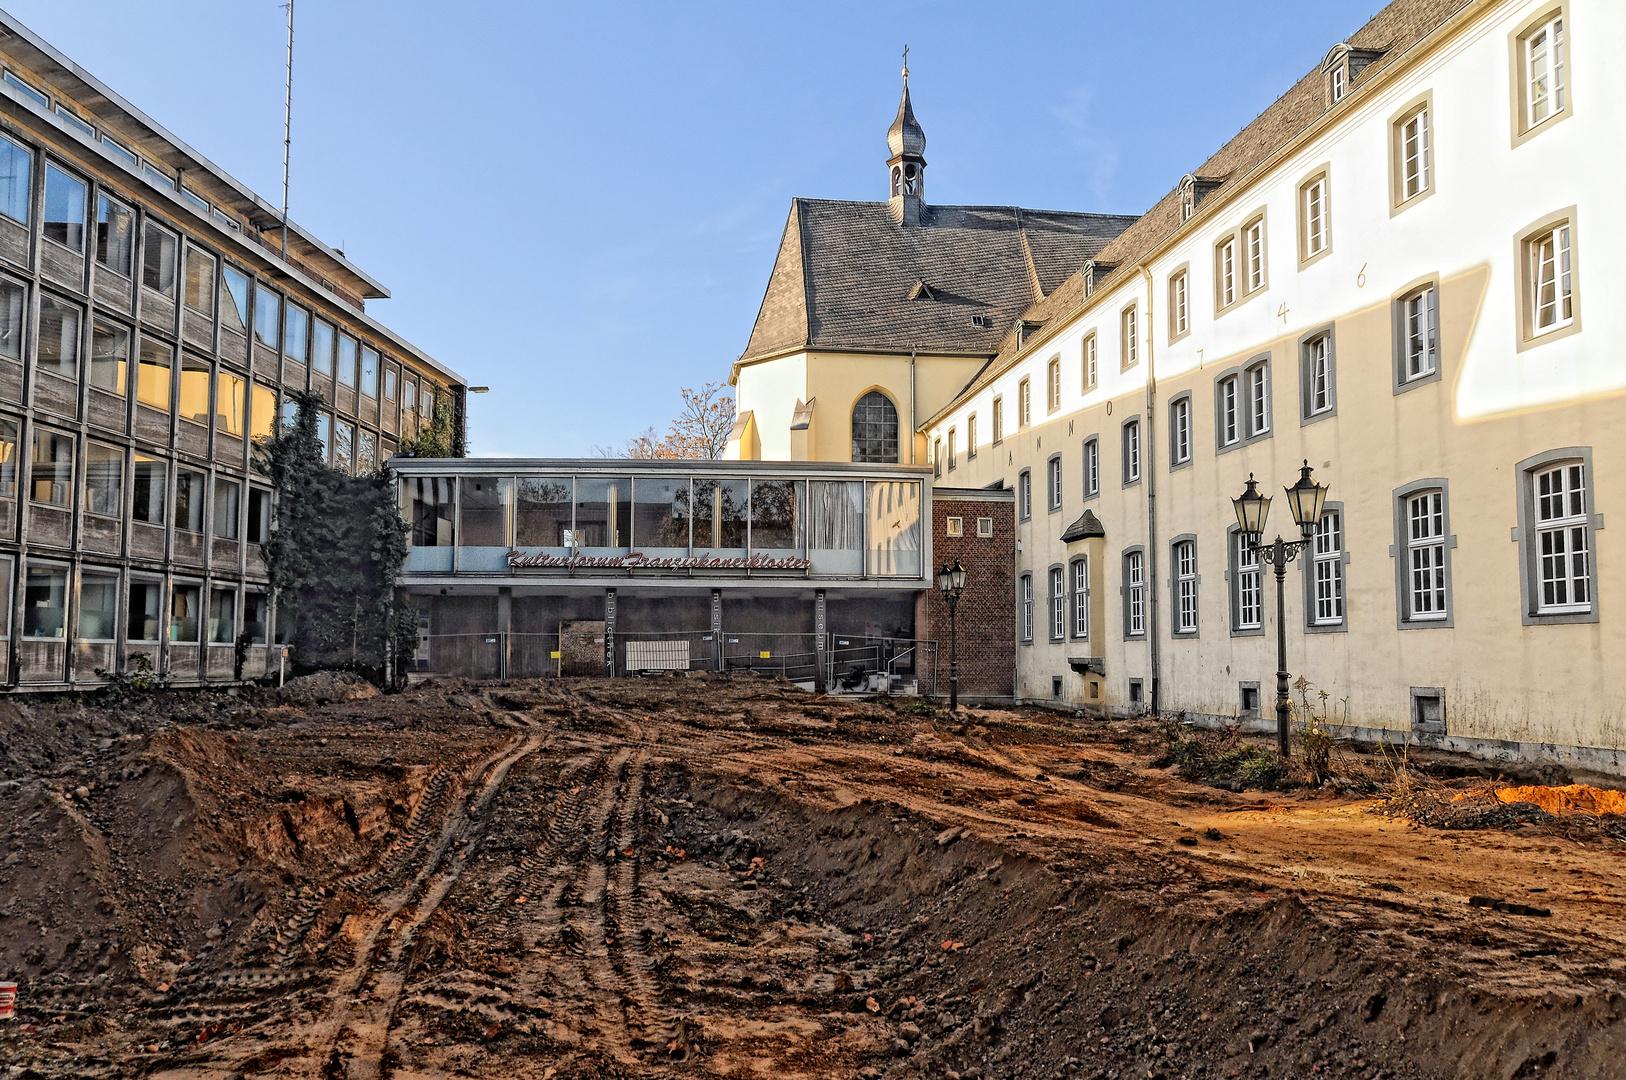 Kempen - Baustelle am Franziskanerkloster